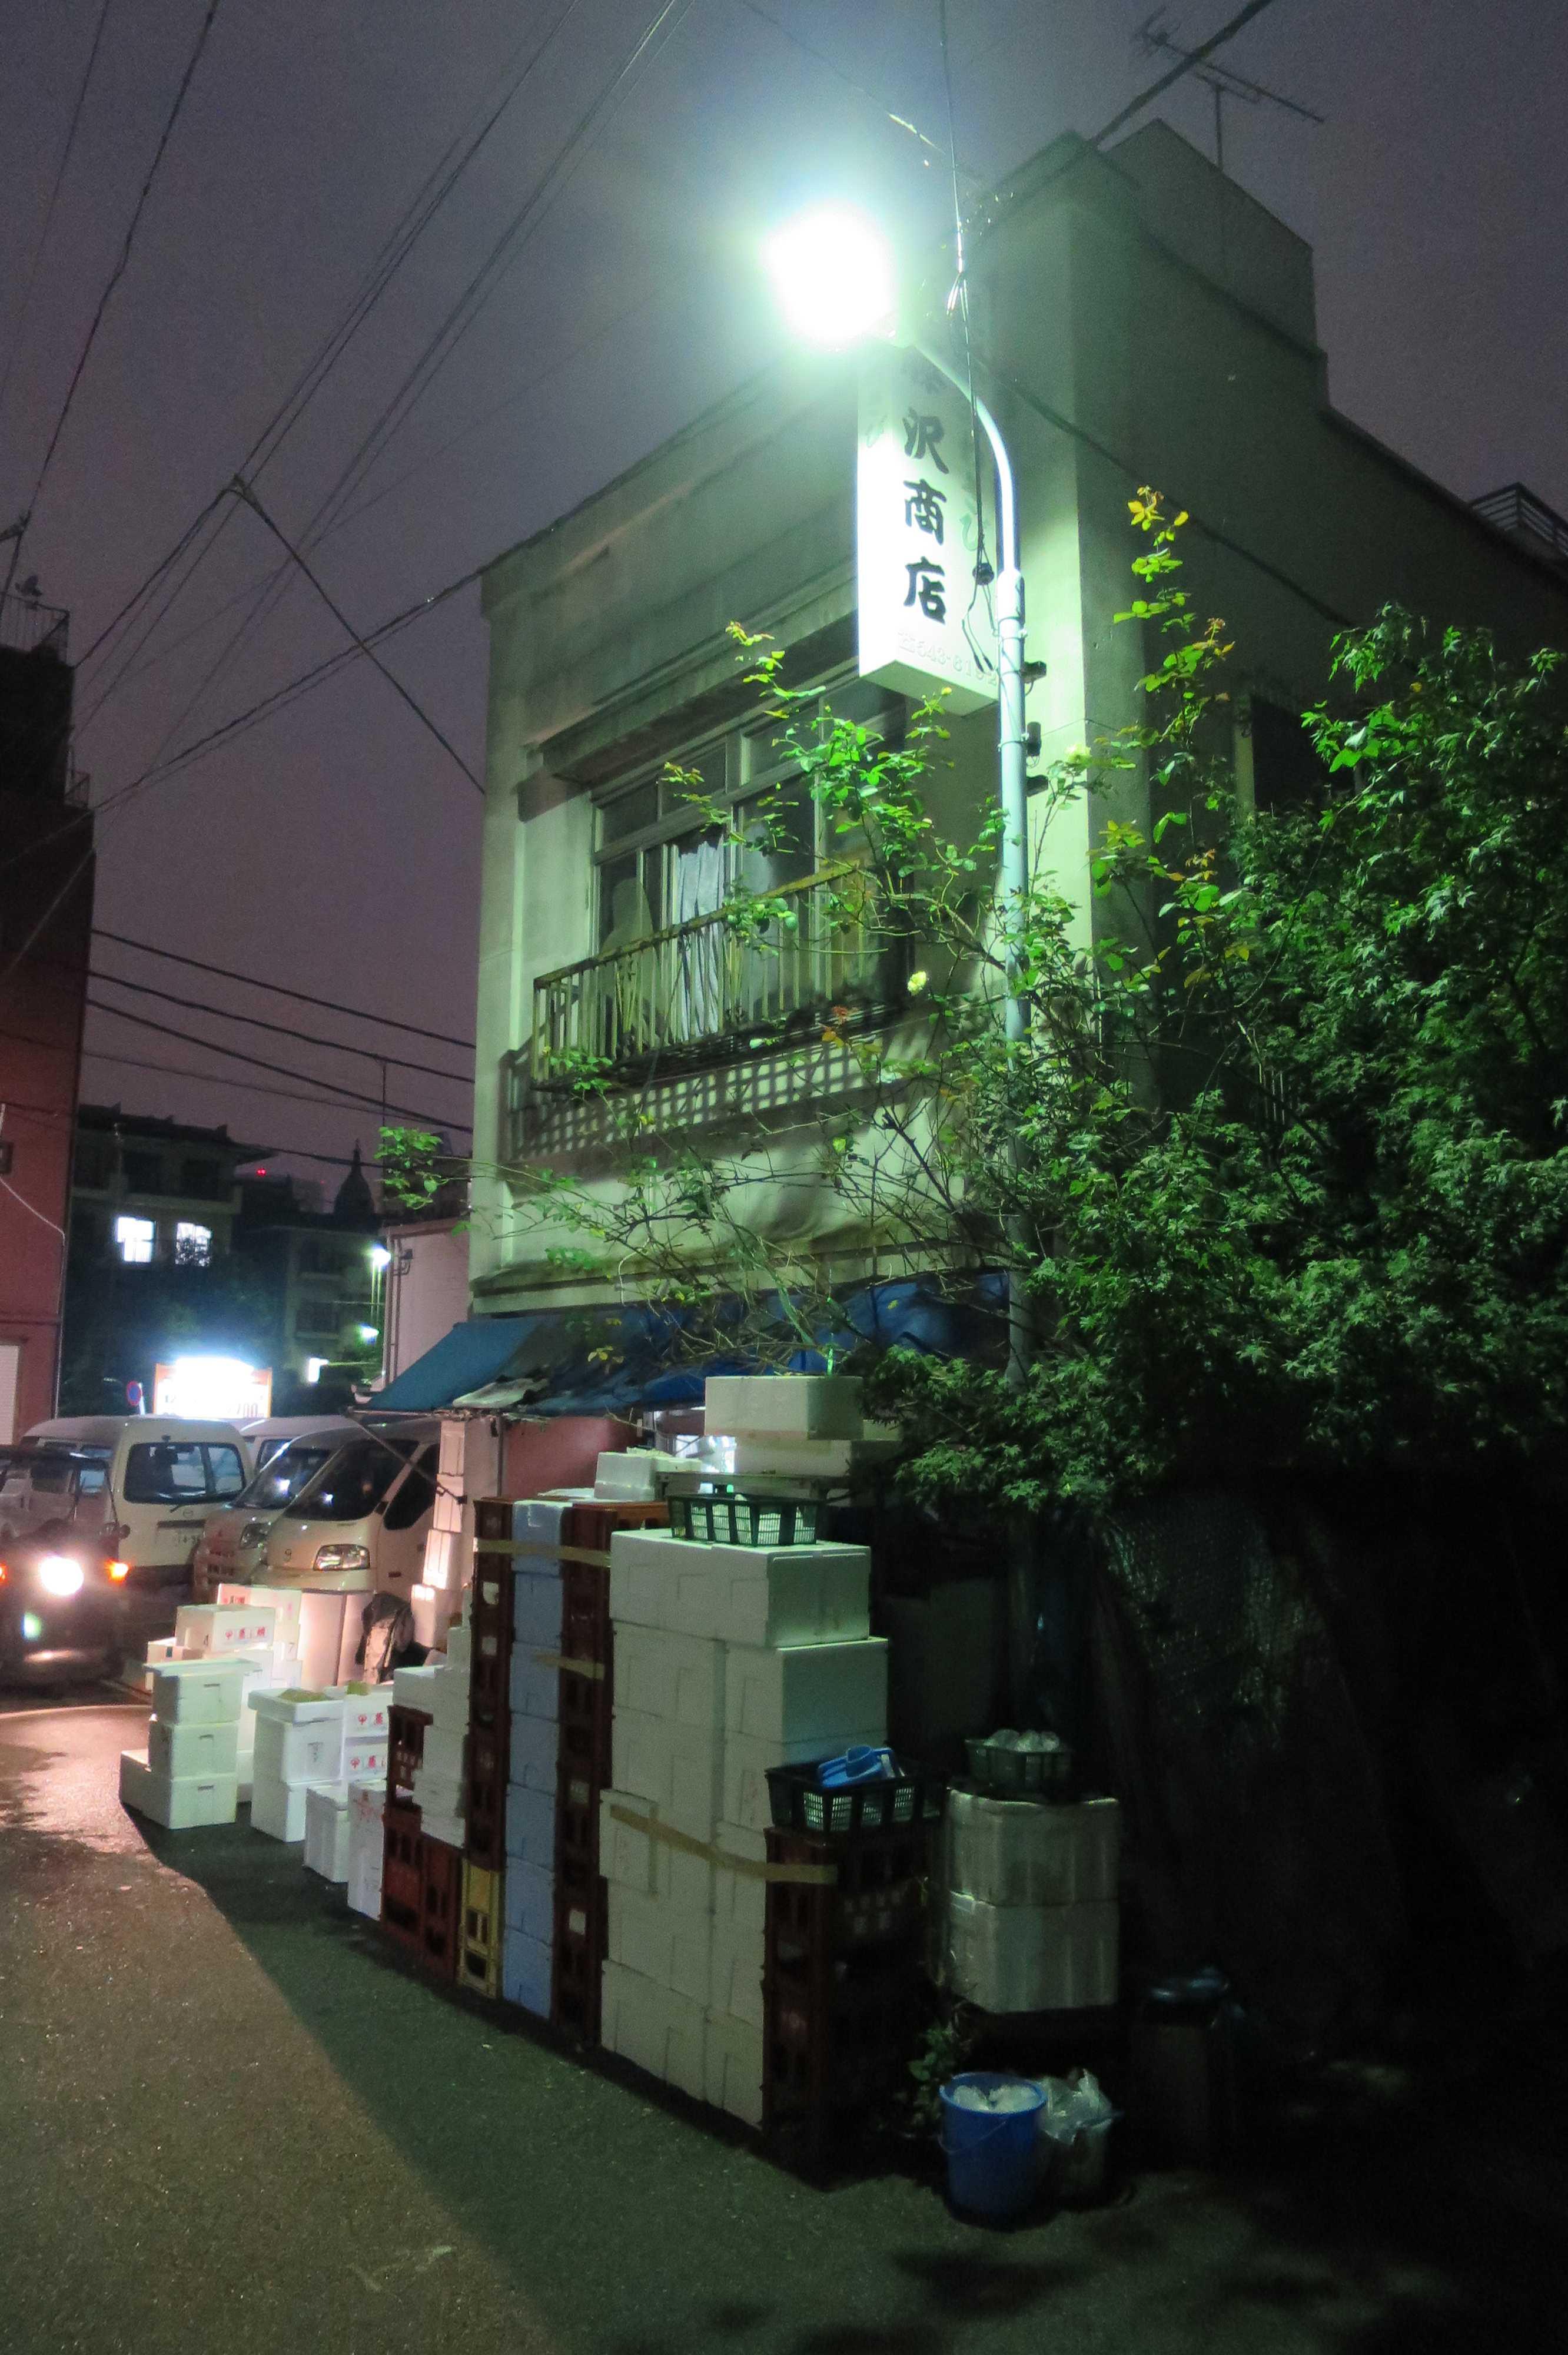 築地エリア - 夜明け前の築地に佇む古い建物